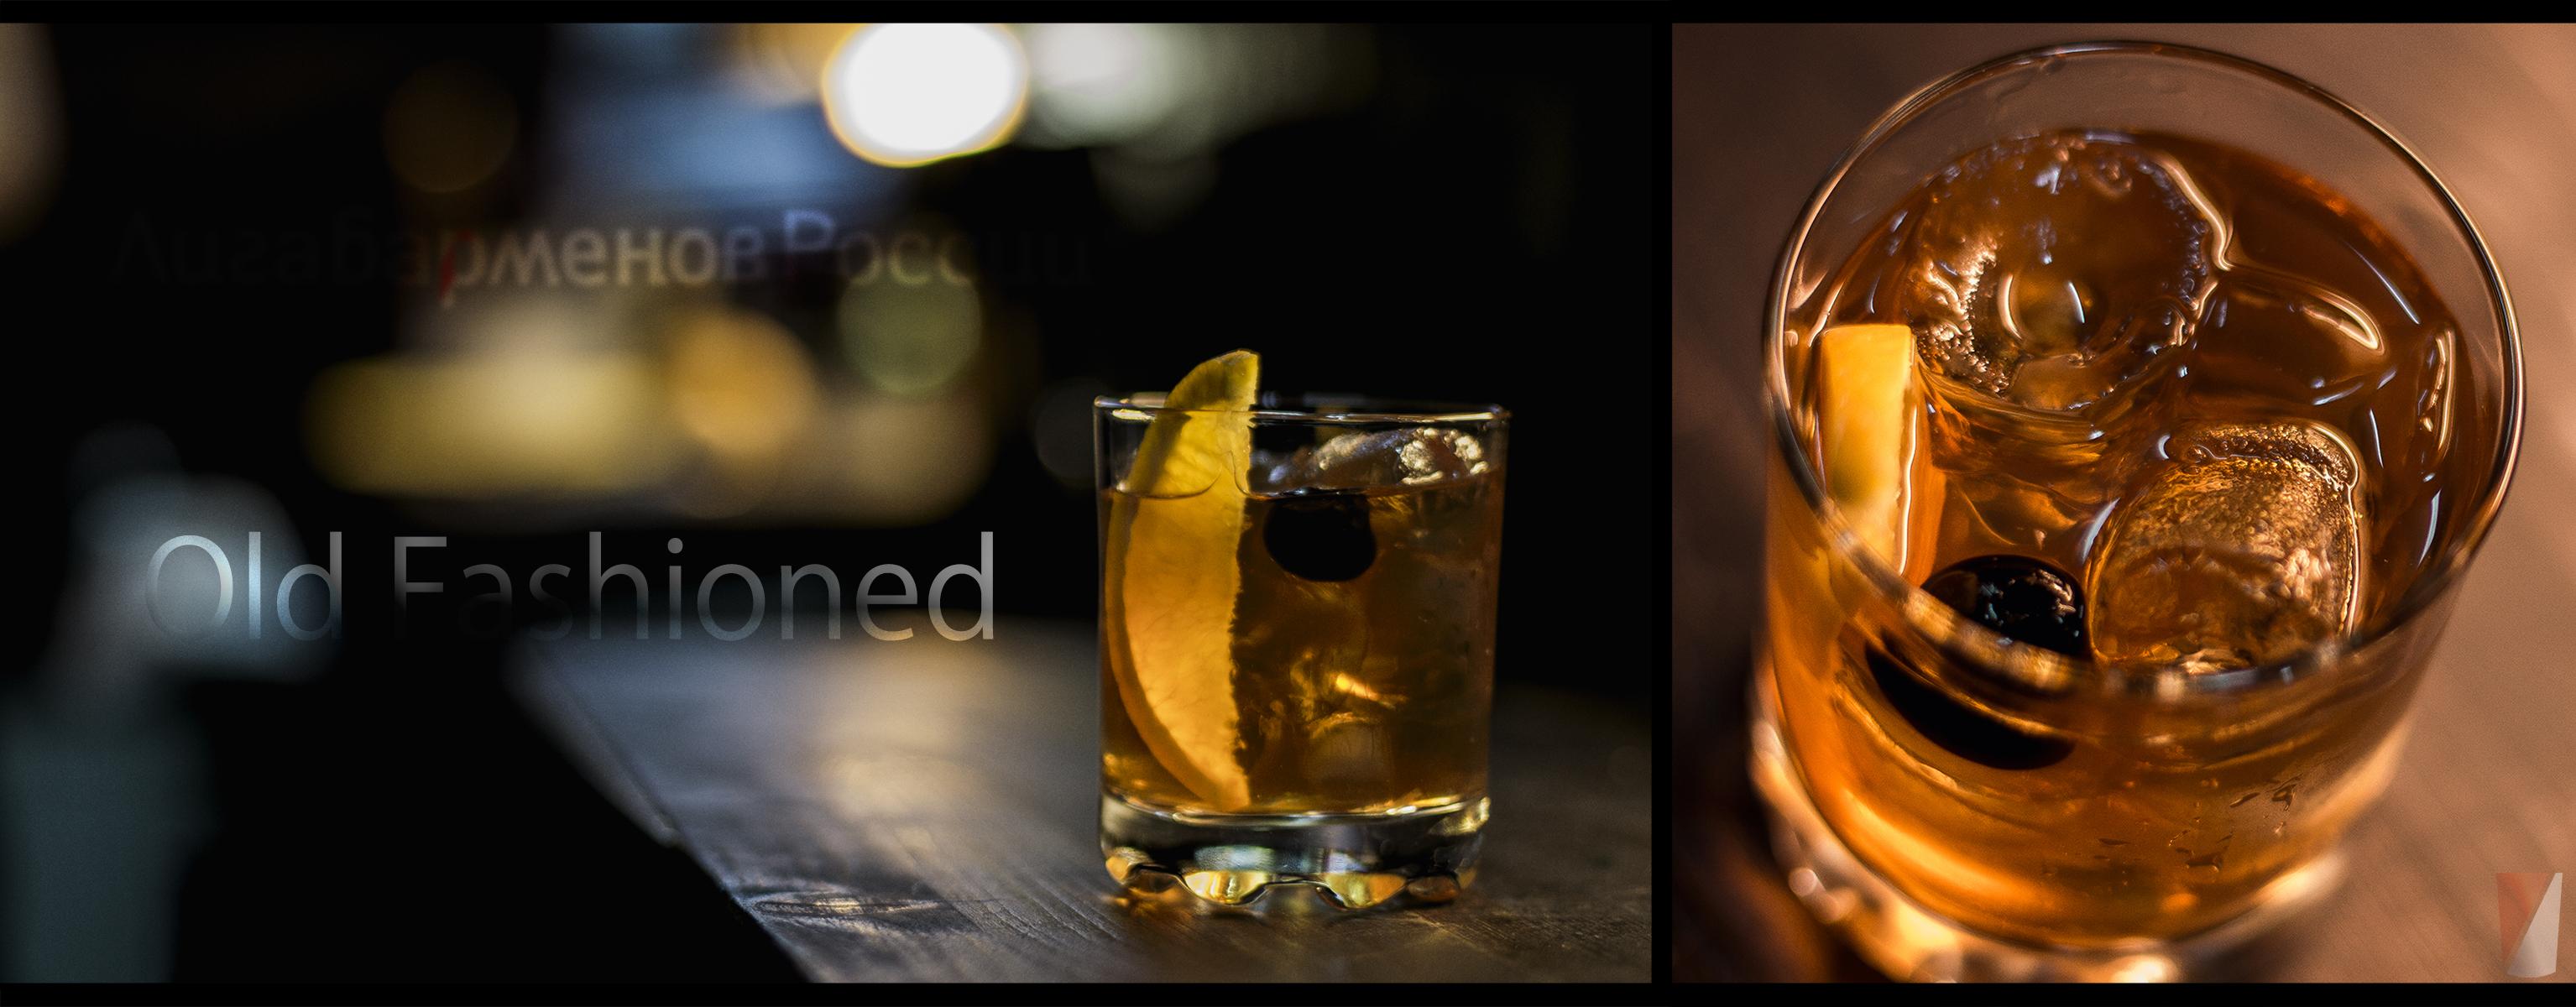 Рецепт коктейля Old Fashioned